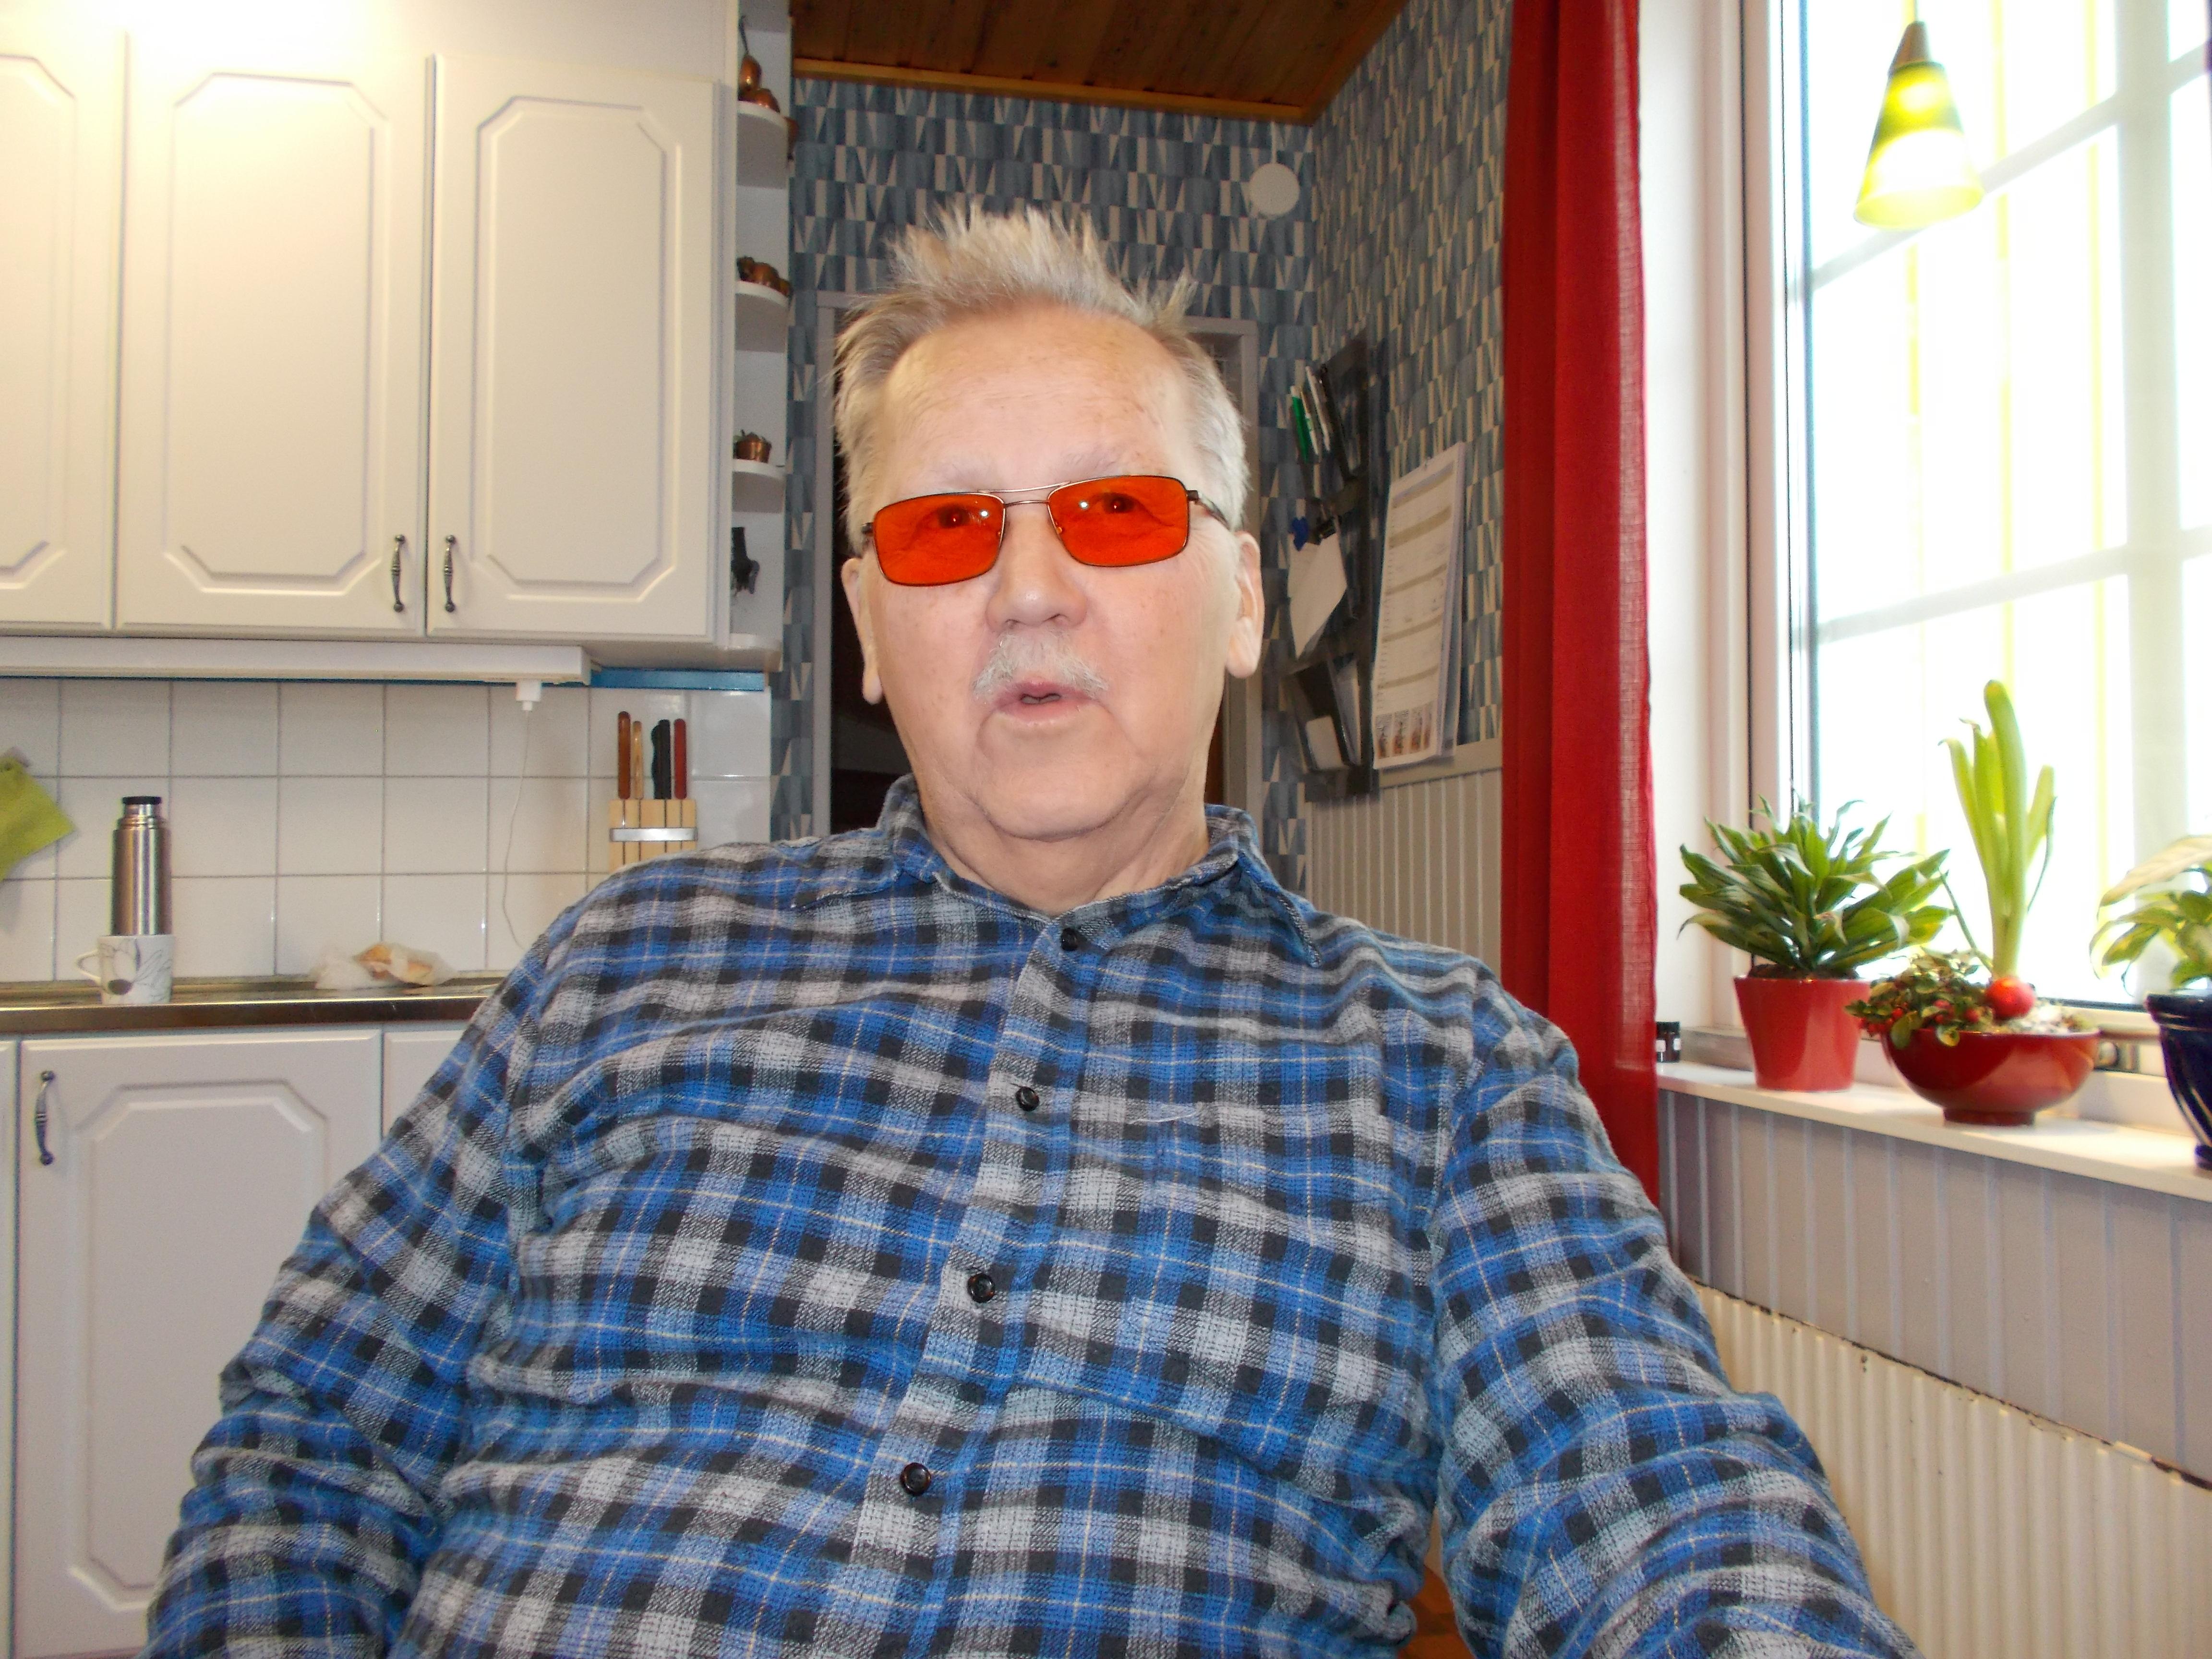 Anders har grått, kortklippt hår och färgade glasögon. Han bär en blårutig skjorta.